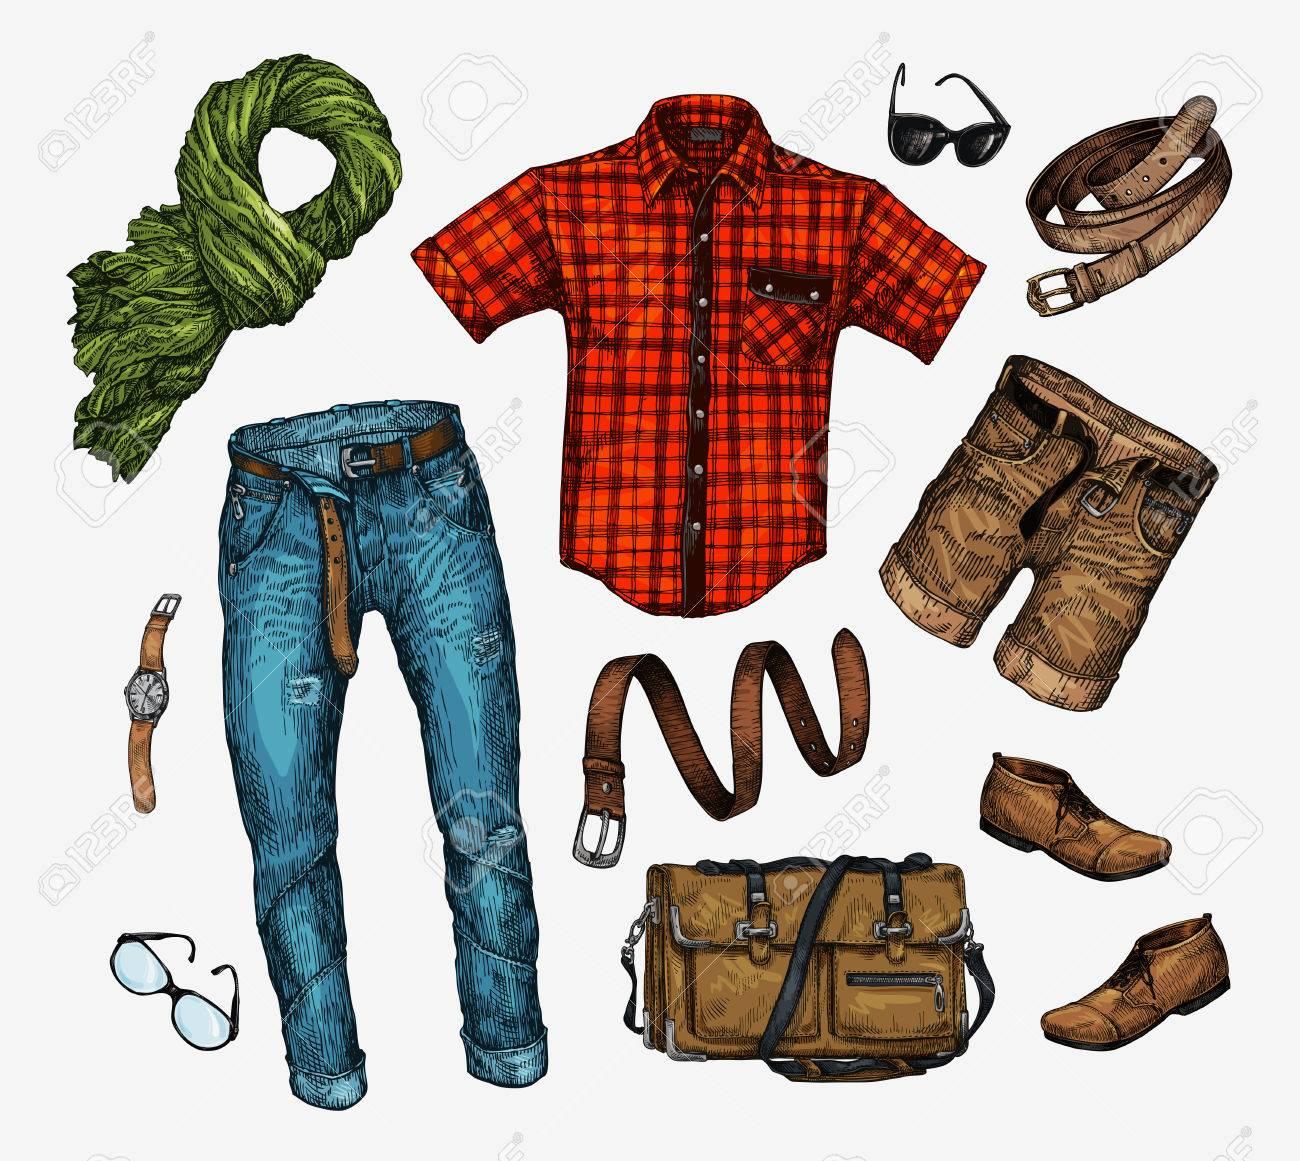 a4df12bf2a9 Ensemble de vêtements pour hommes à la mode. Outfit de l homme cravate